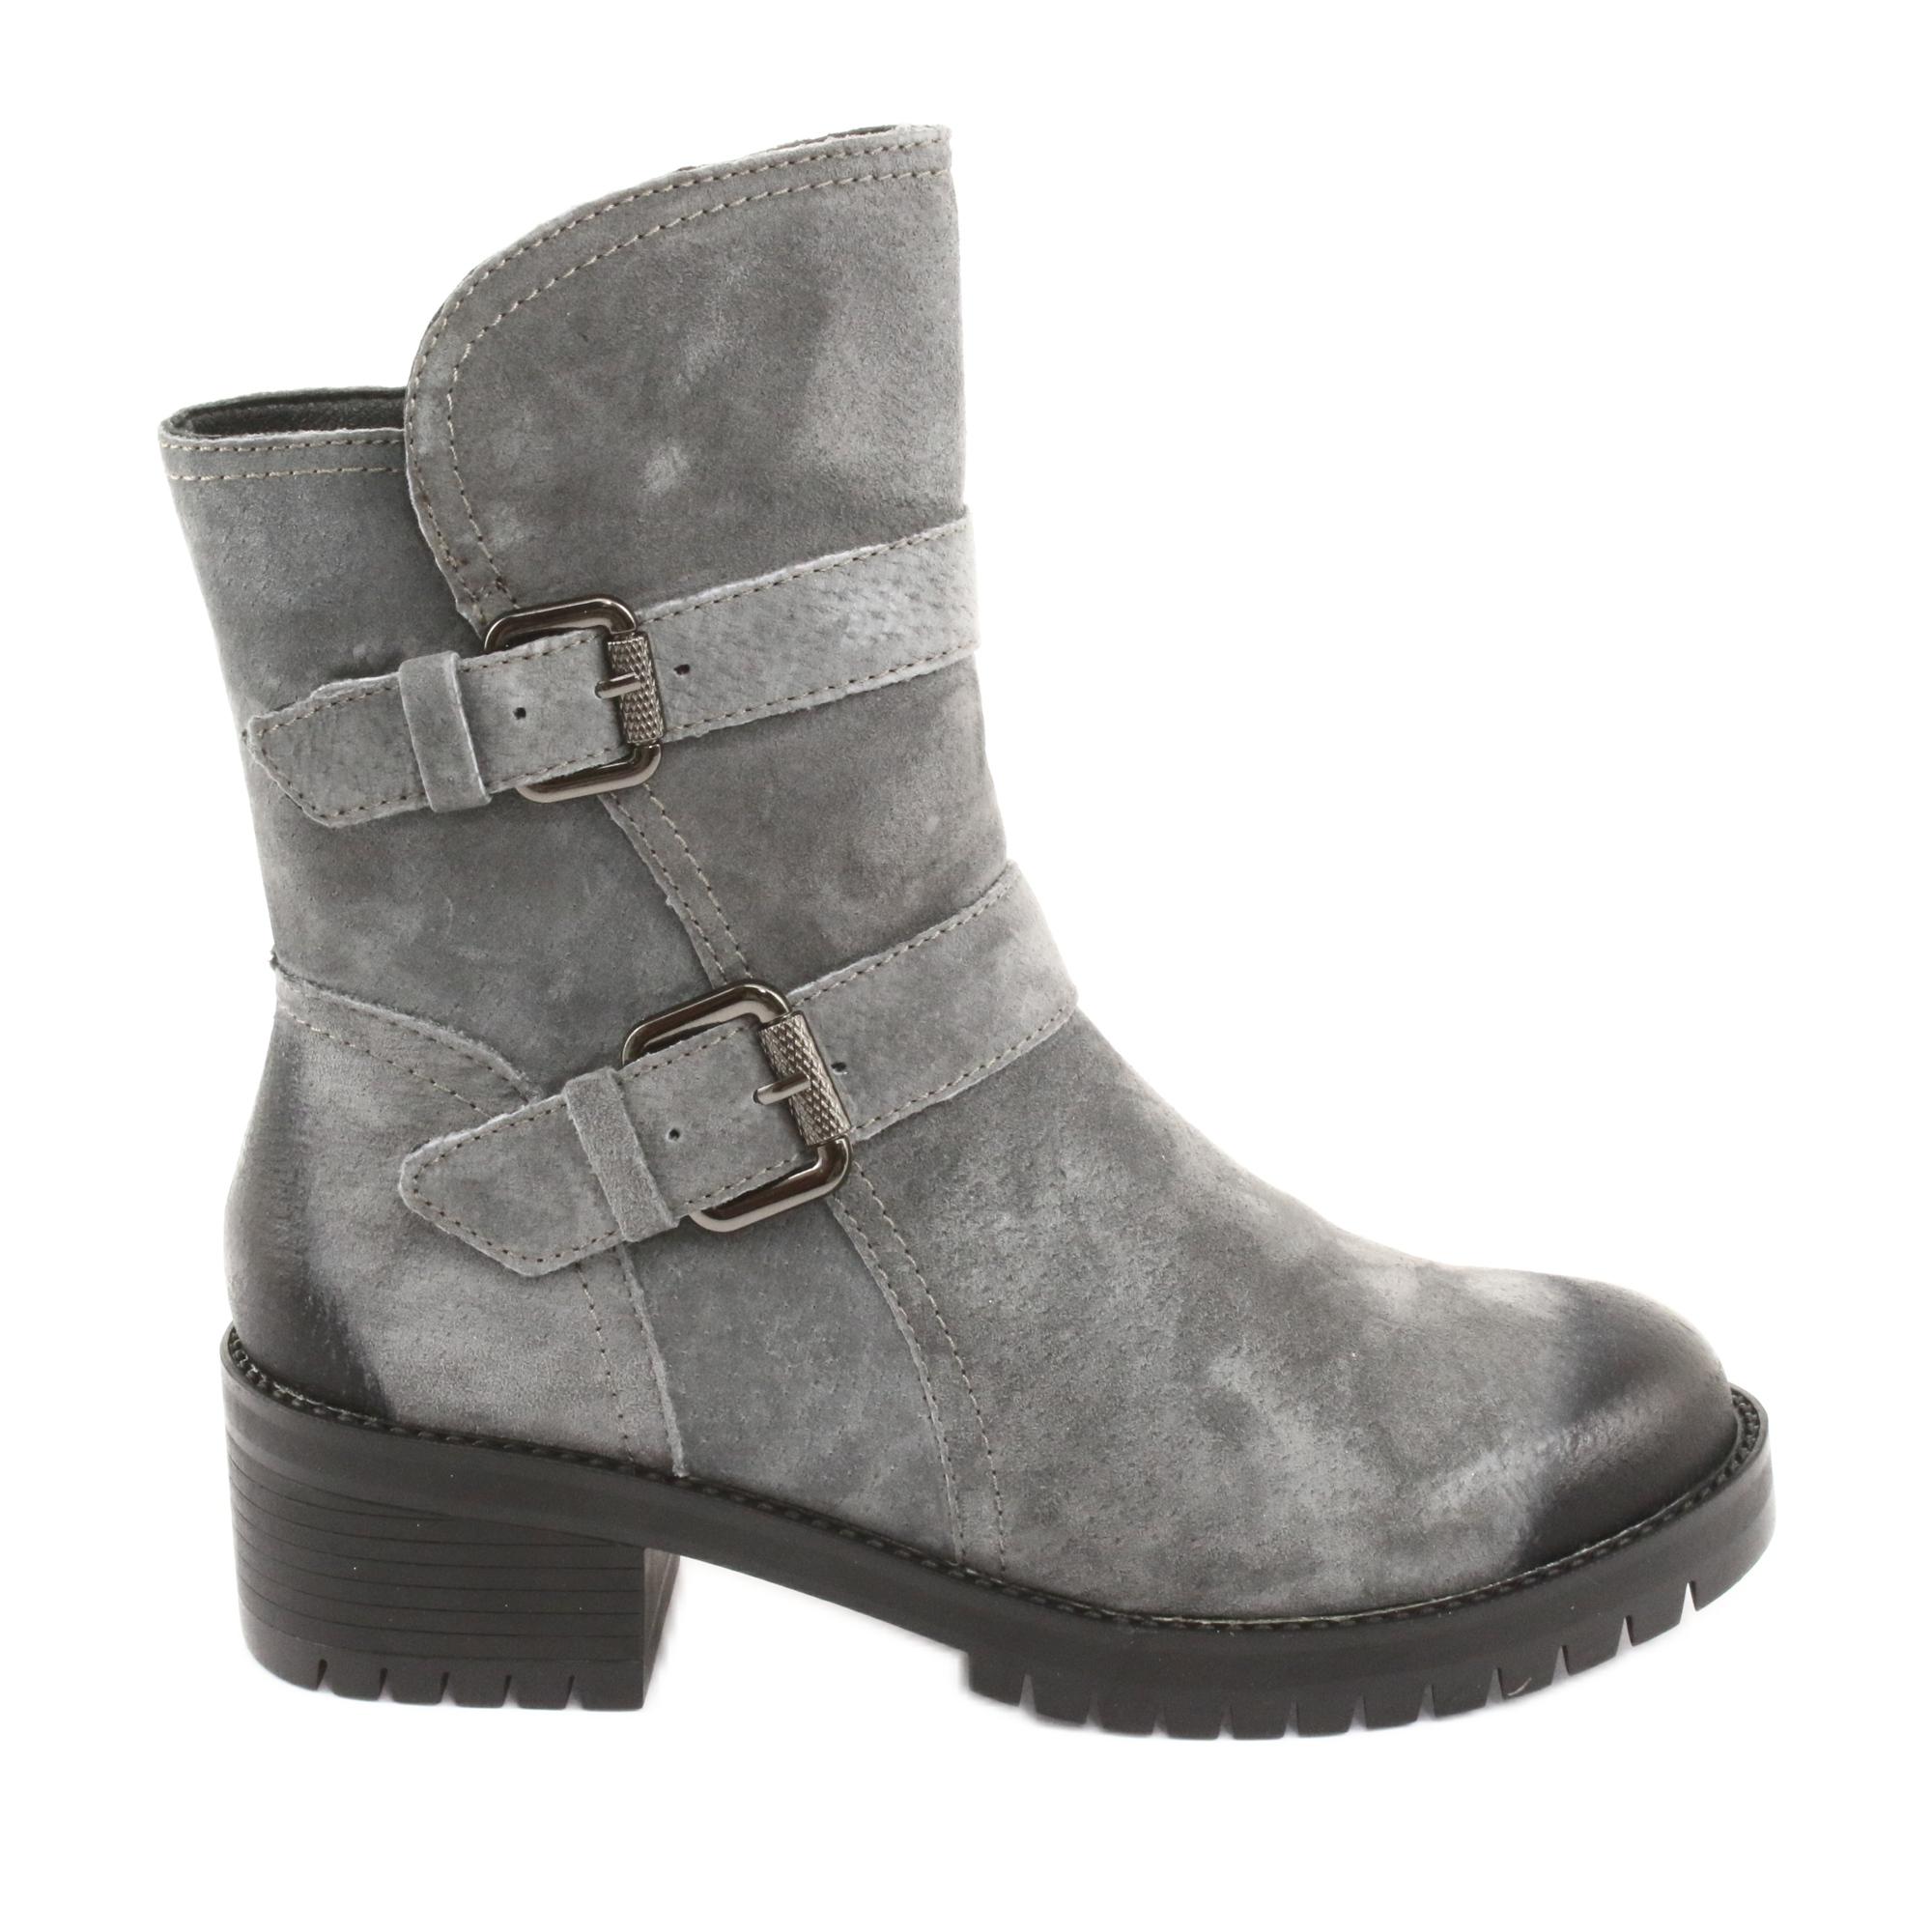 Stivali-di-pelle-scamosciata-grigia-Daszy-ski-161-grigio